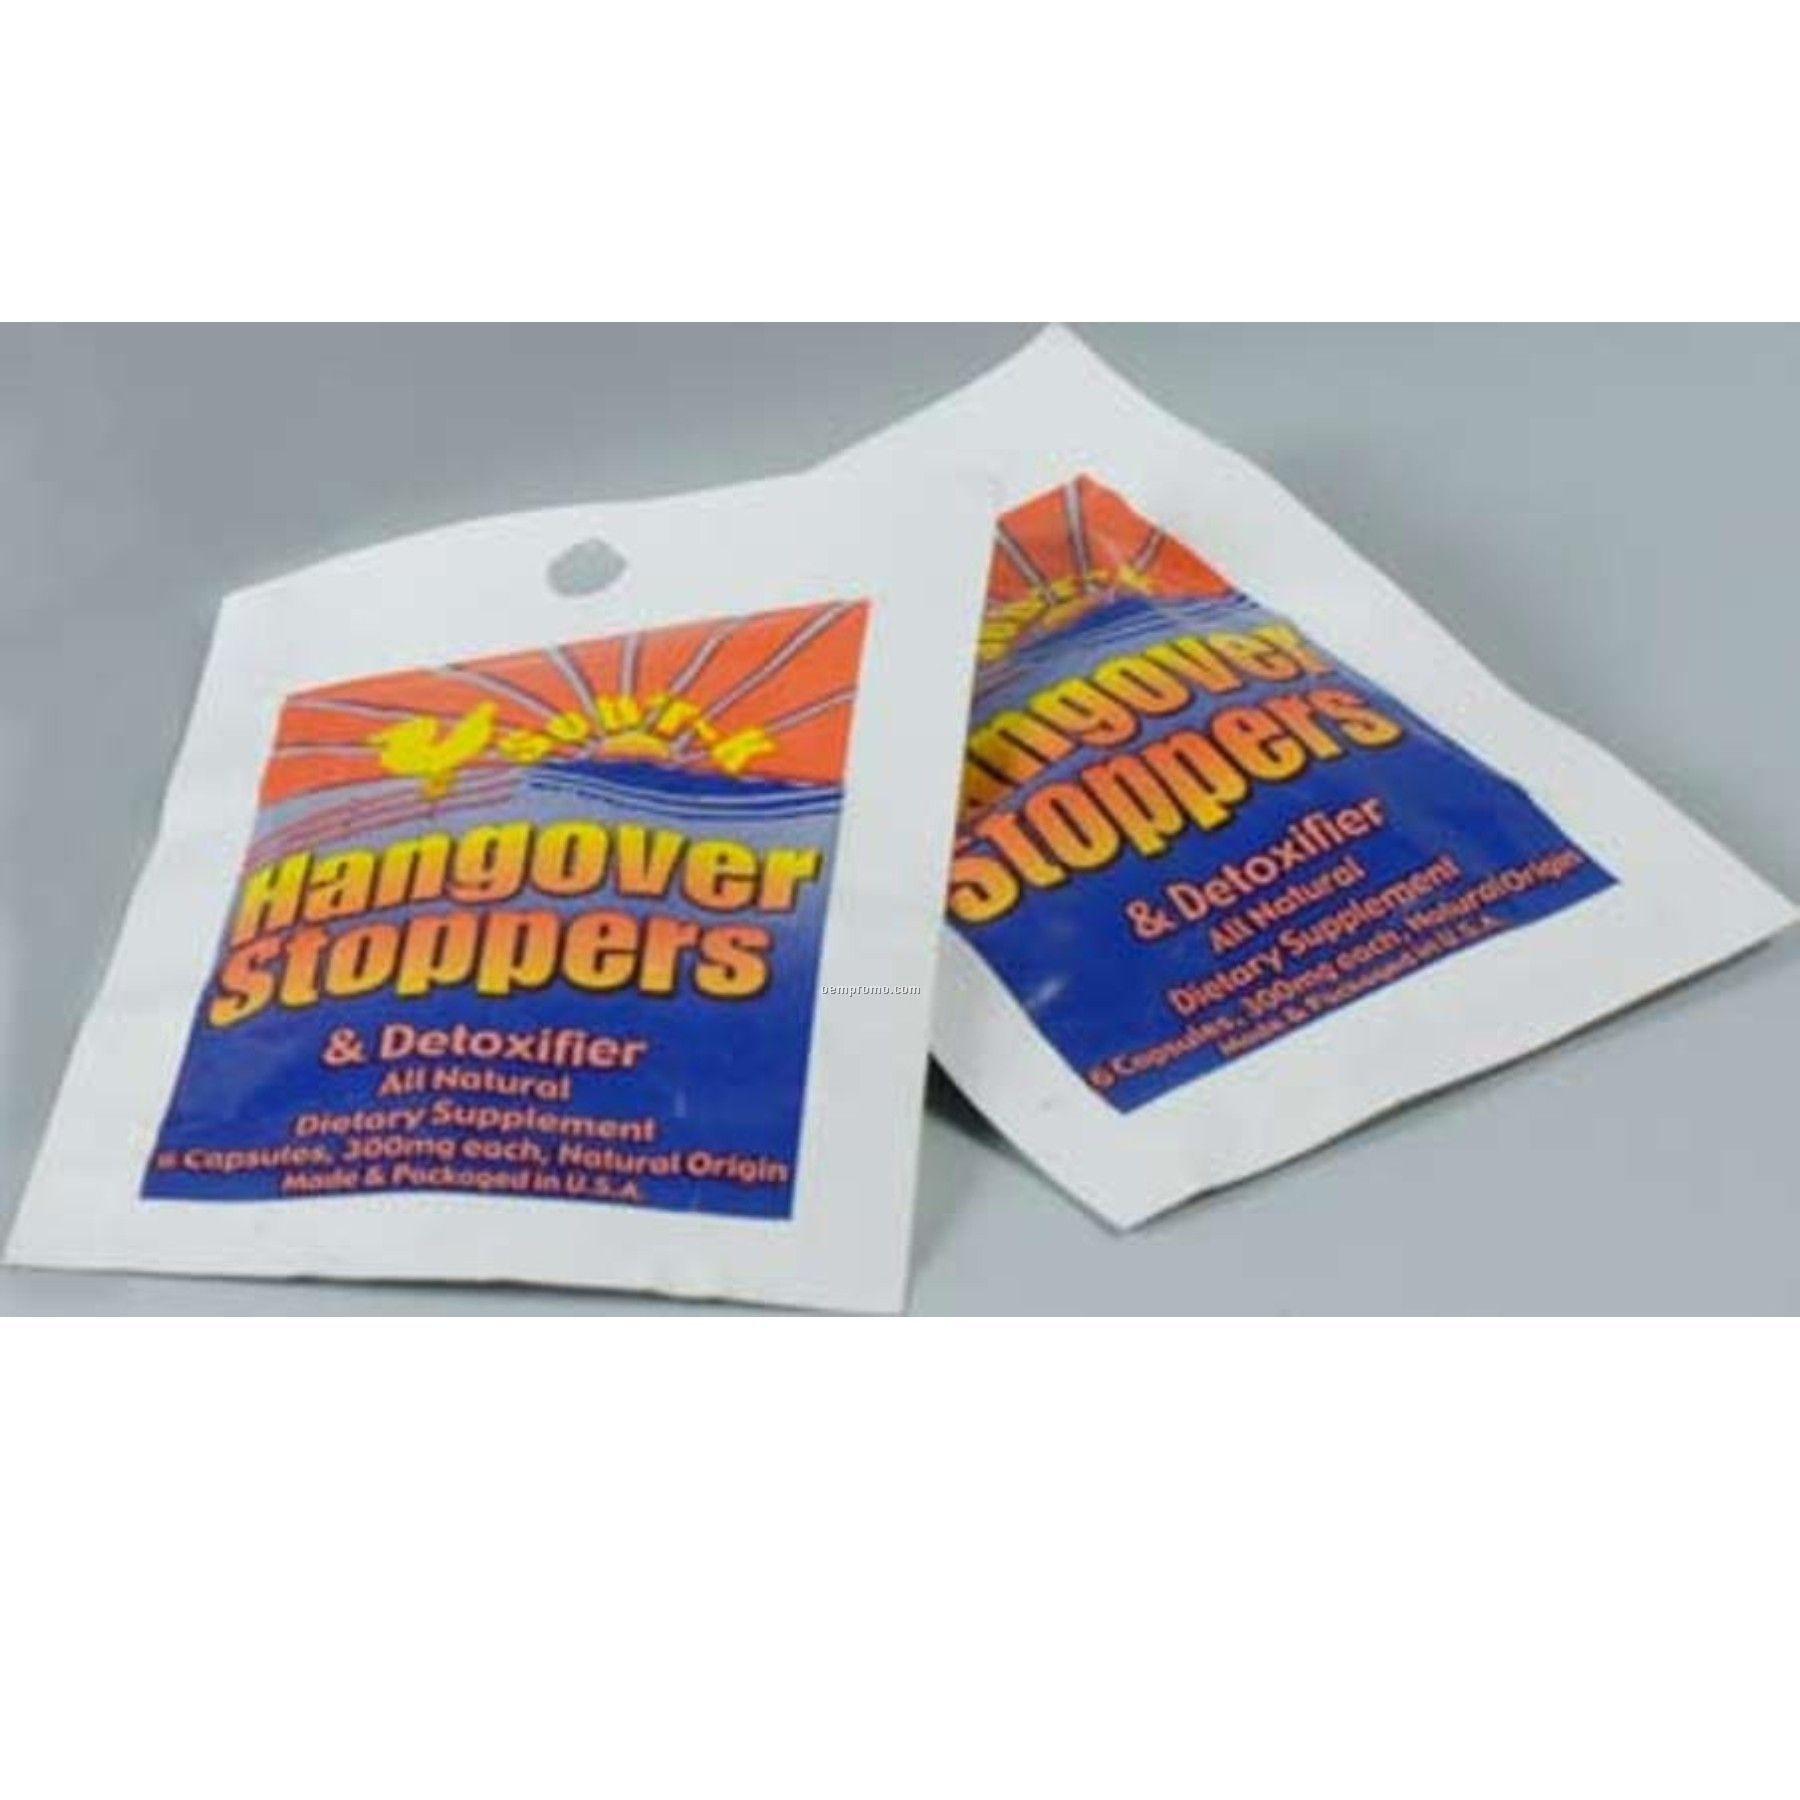 Sob'r-k Hangover Stopper- Six Pill Foil Pack